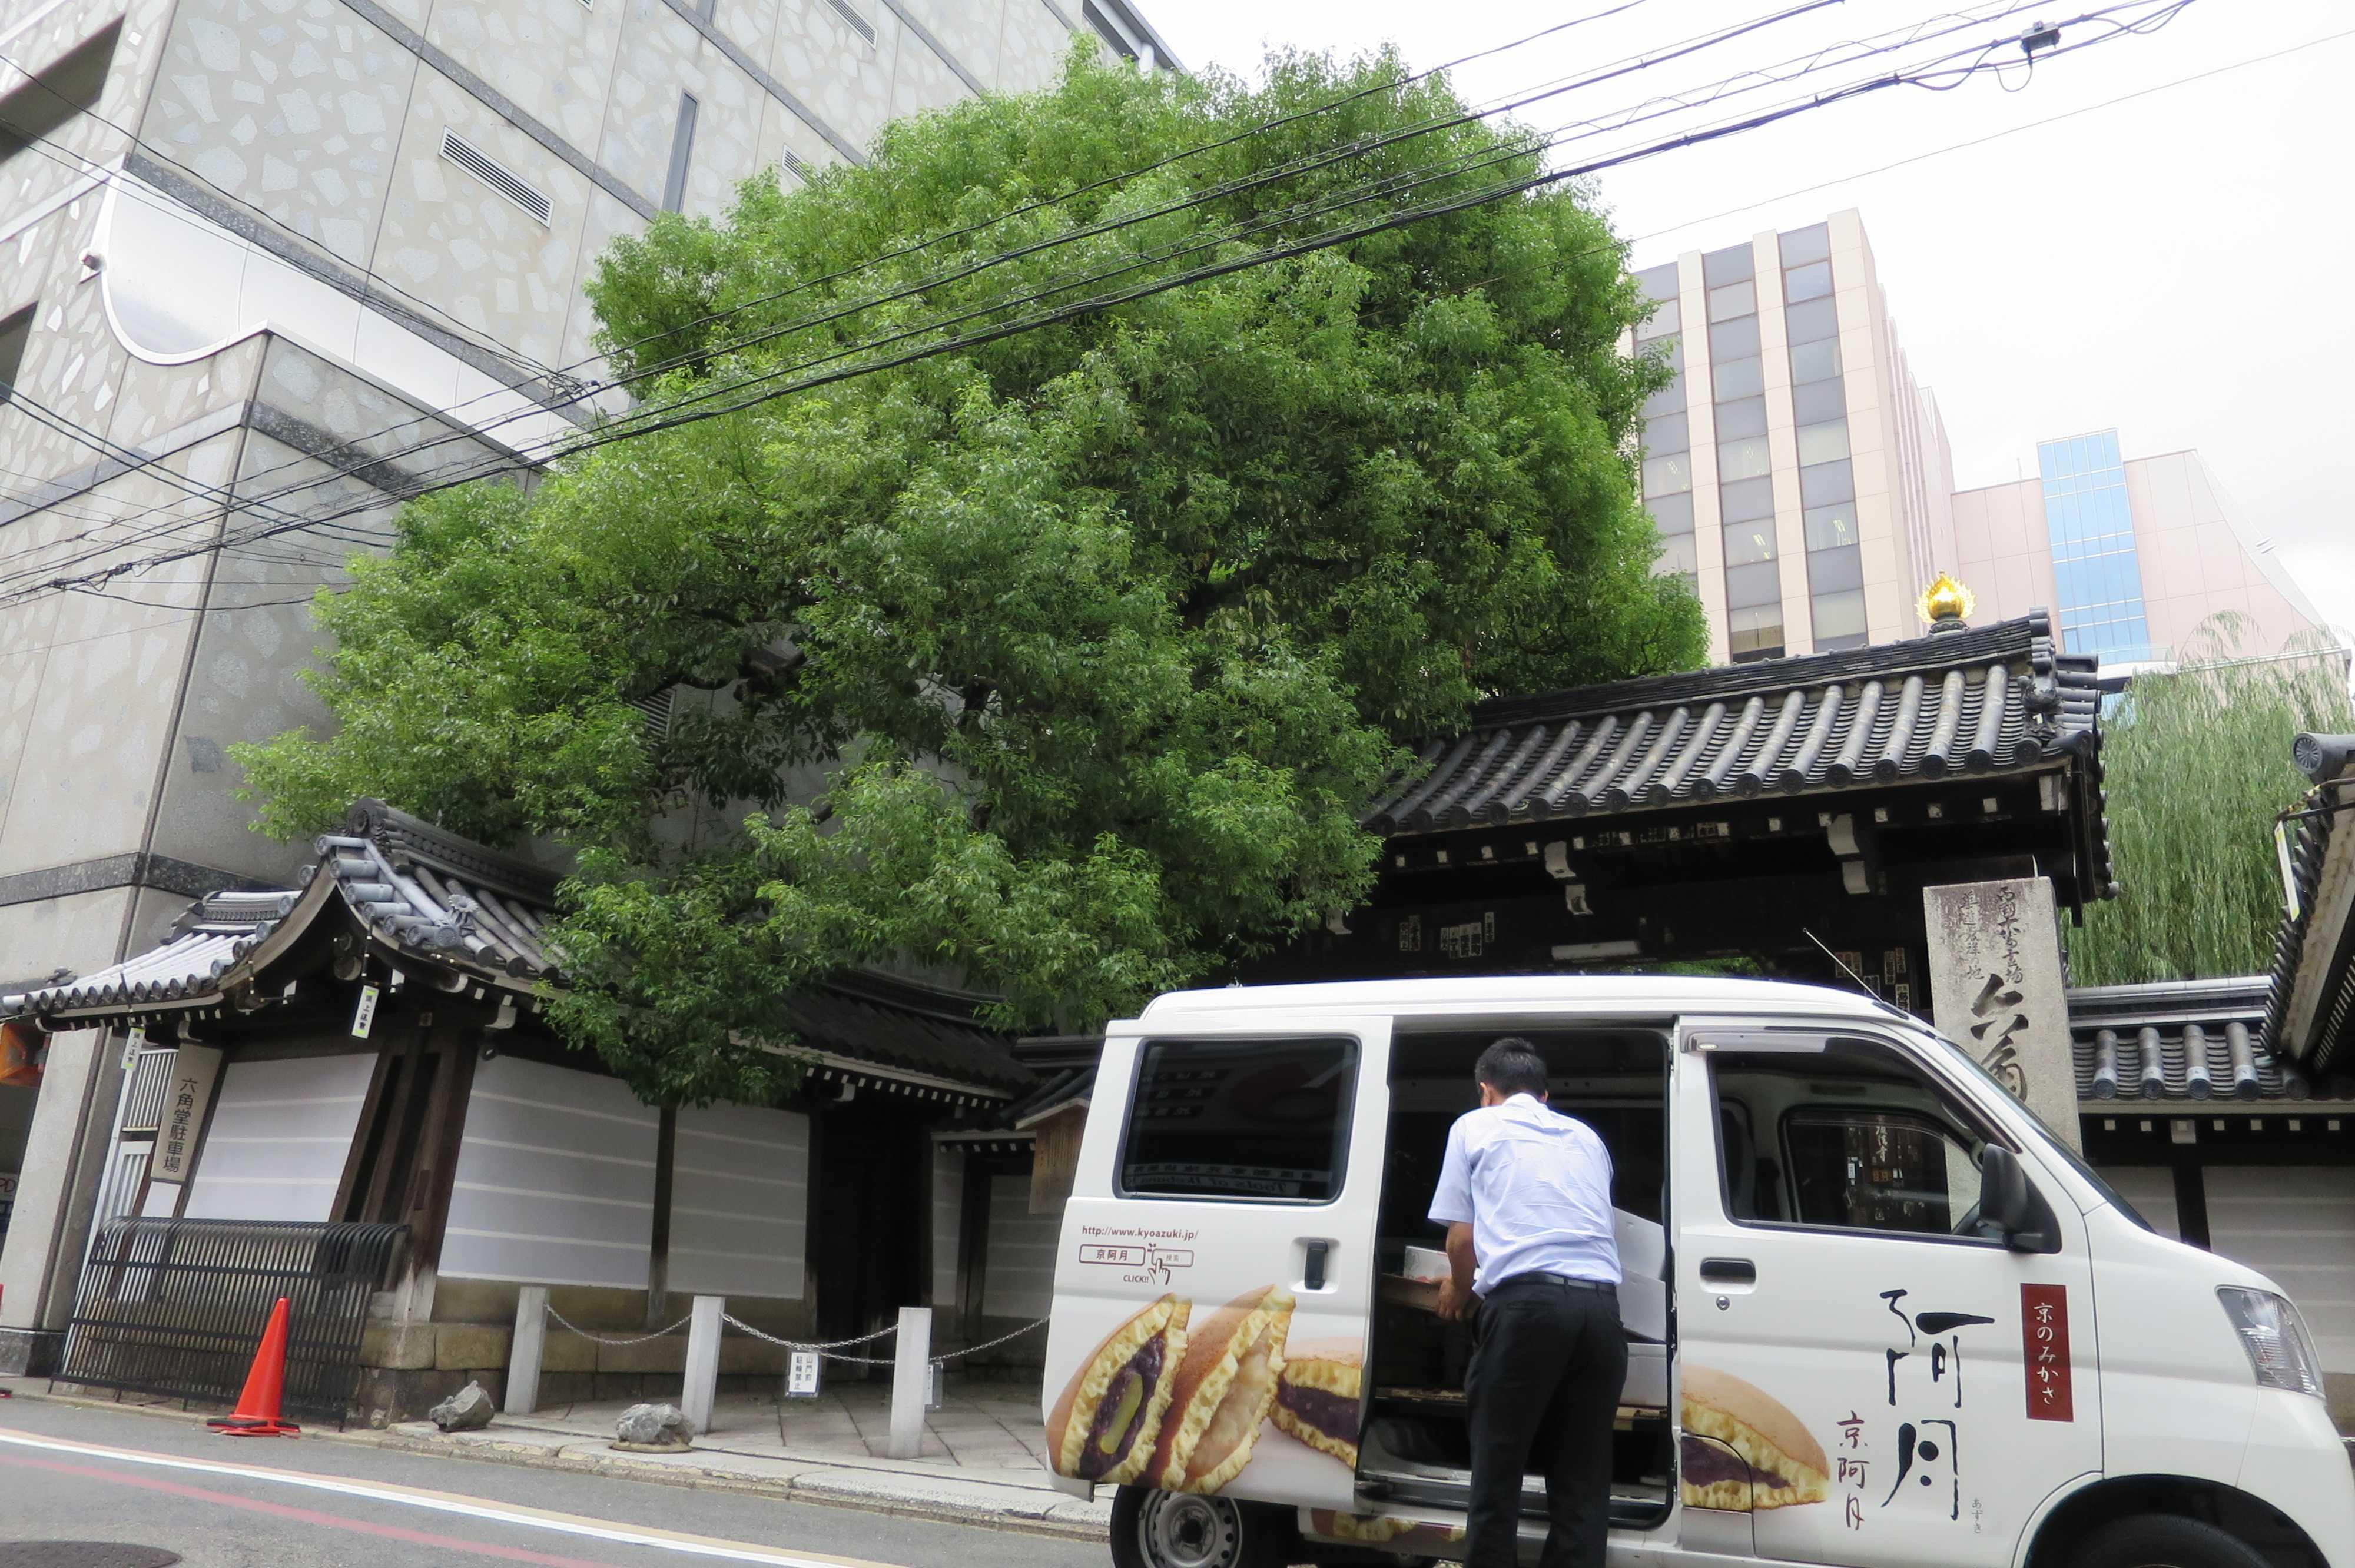 京都のどら焼「京阿月」の営業車